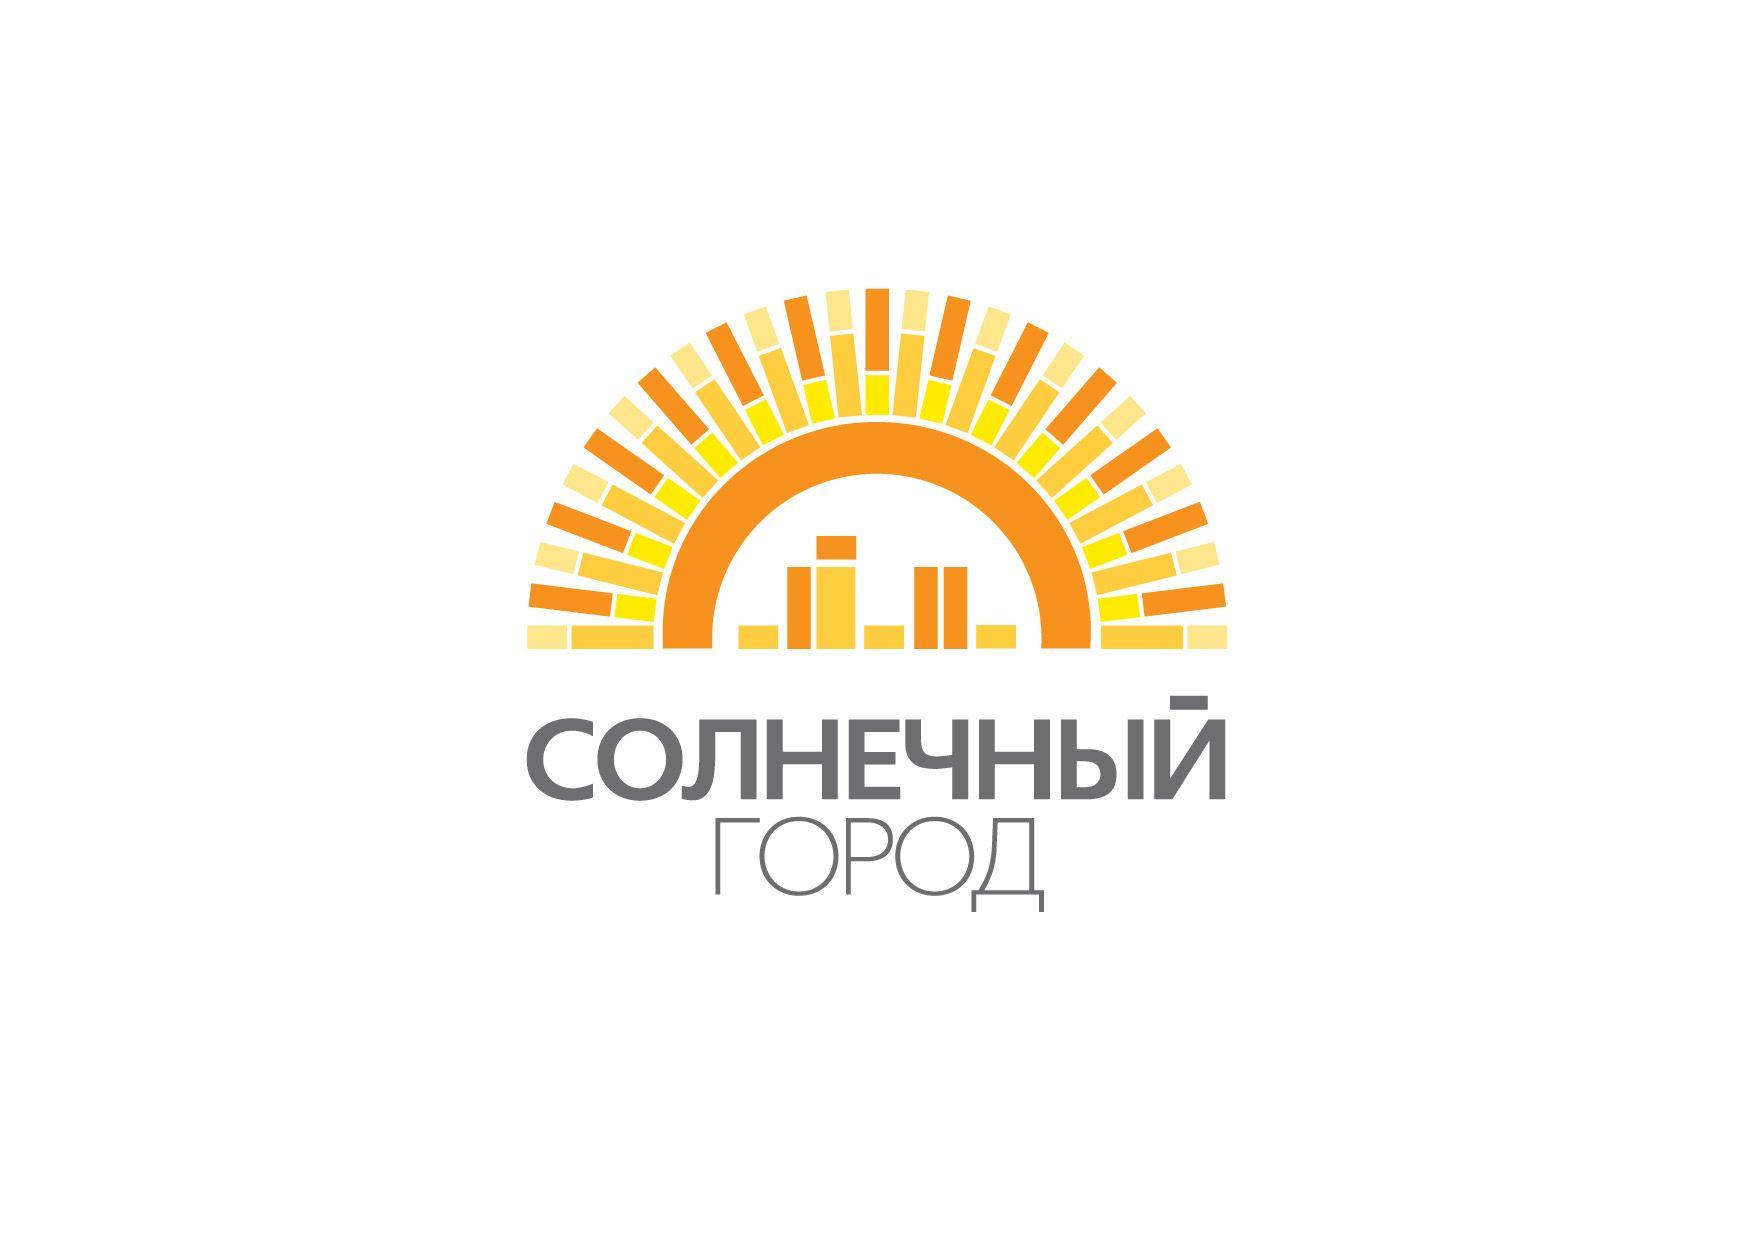 Логотип для солнечного города - дизайнер igor_kireyev